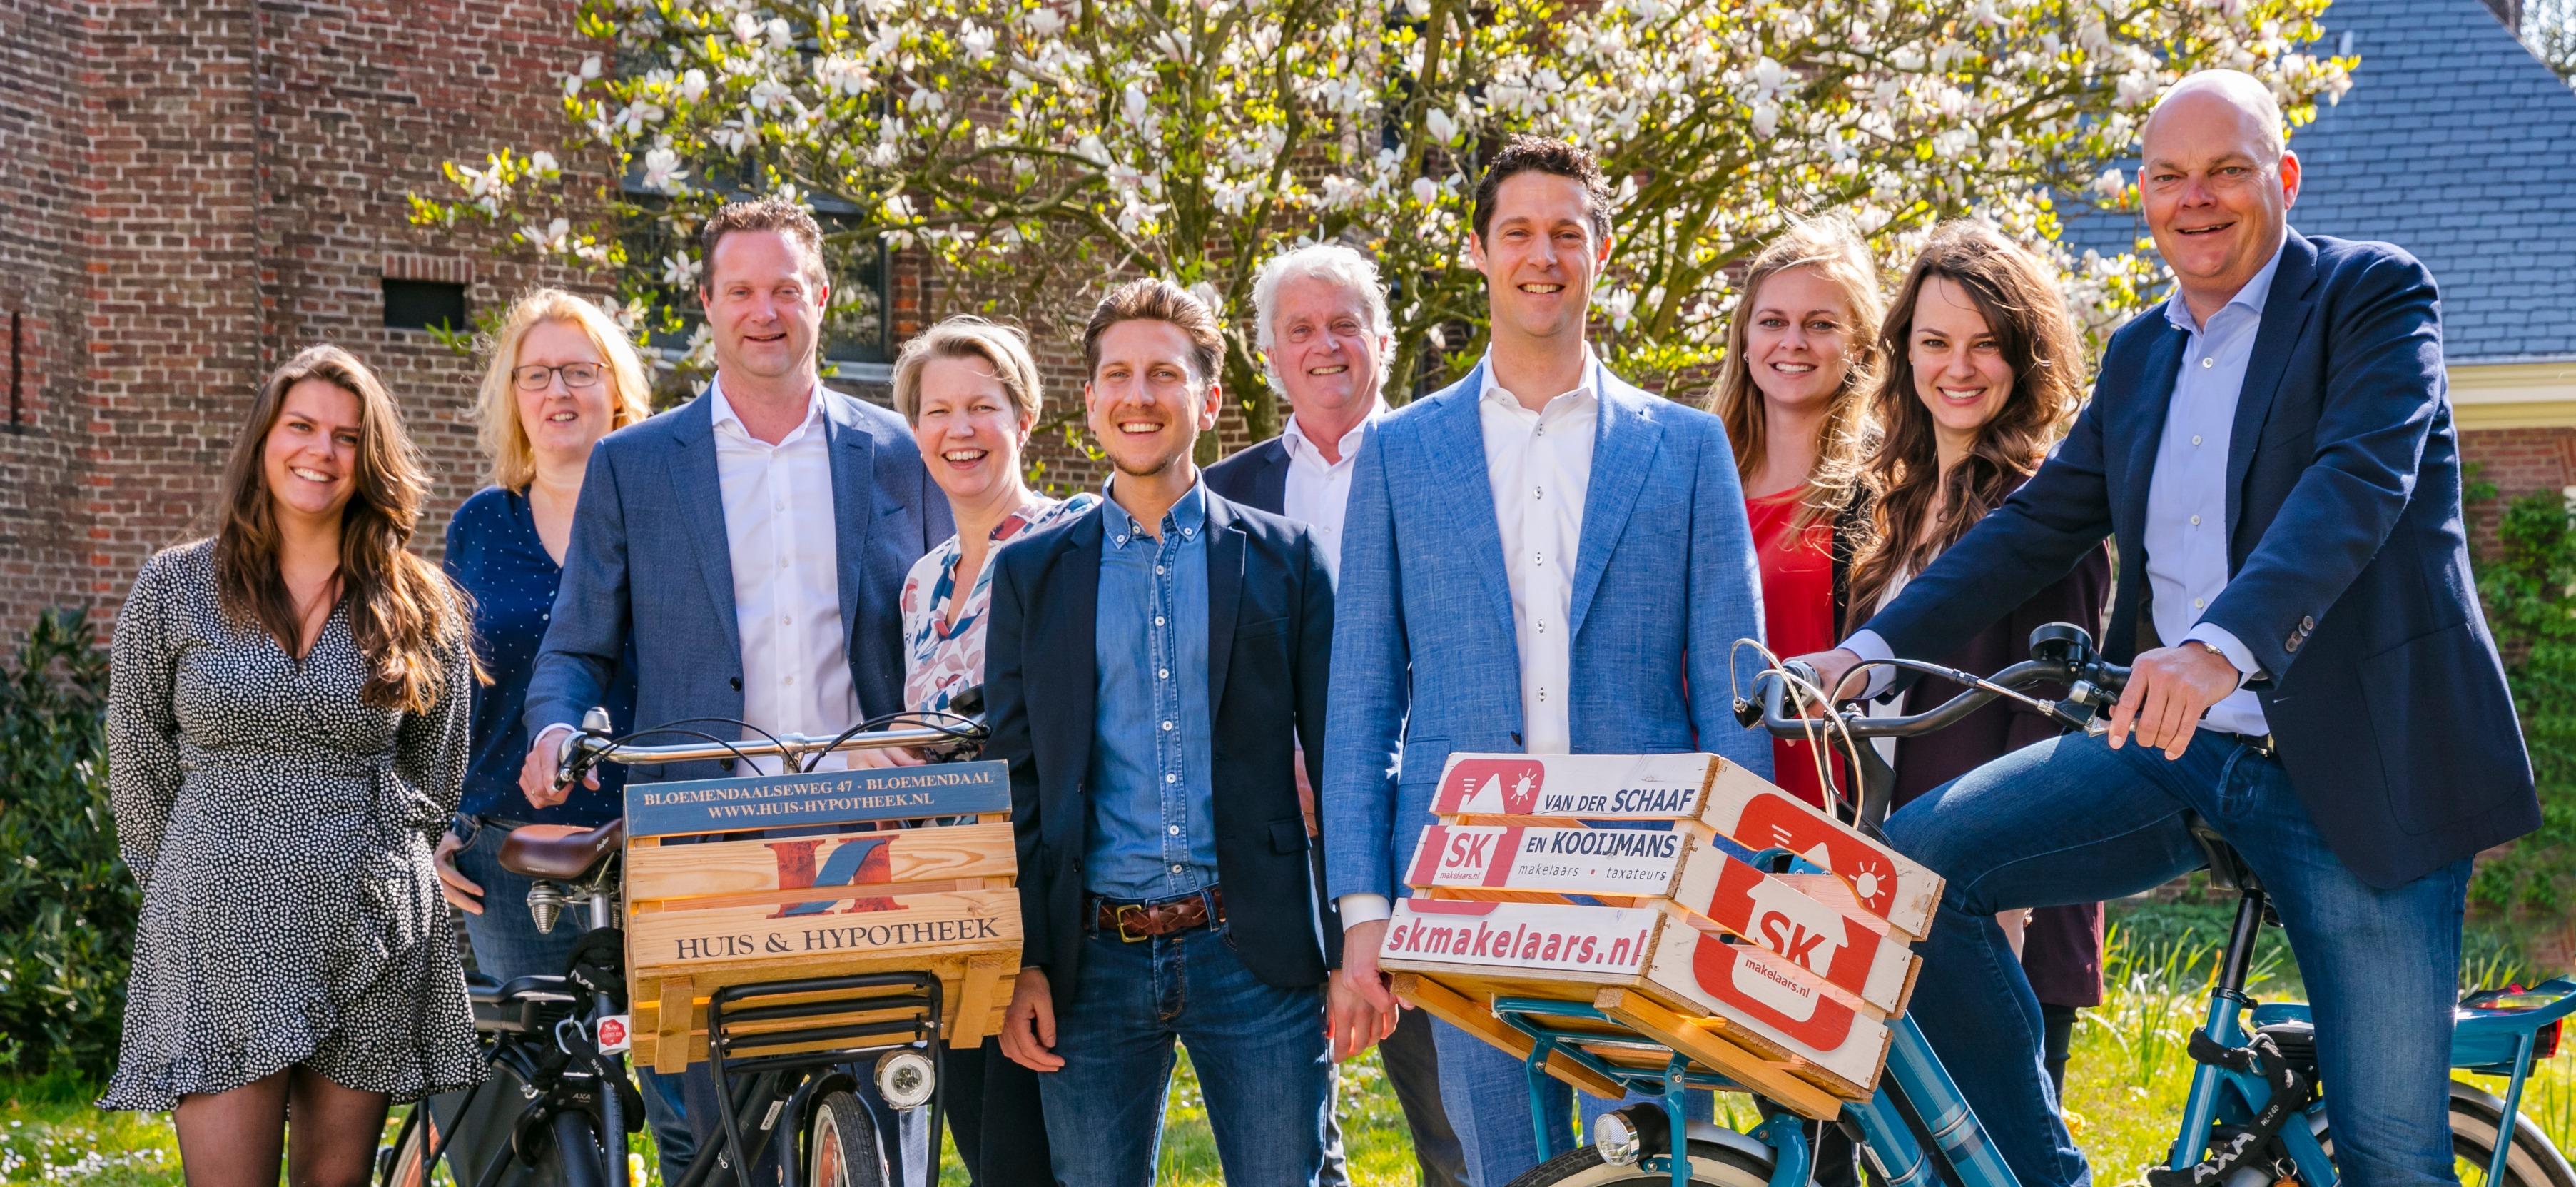 Team van der Schaaf en Kooijmans makelaars Haarlem Bloemendaal en omgeving